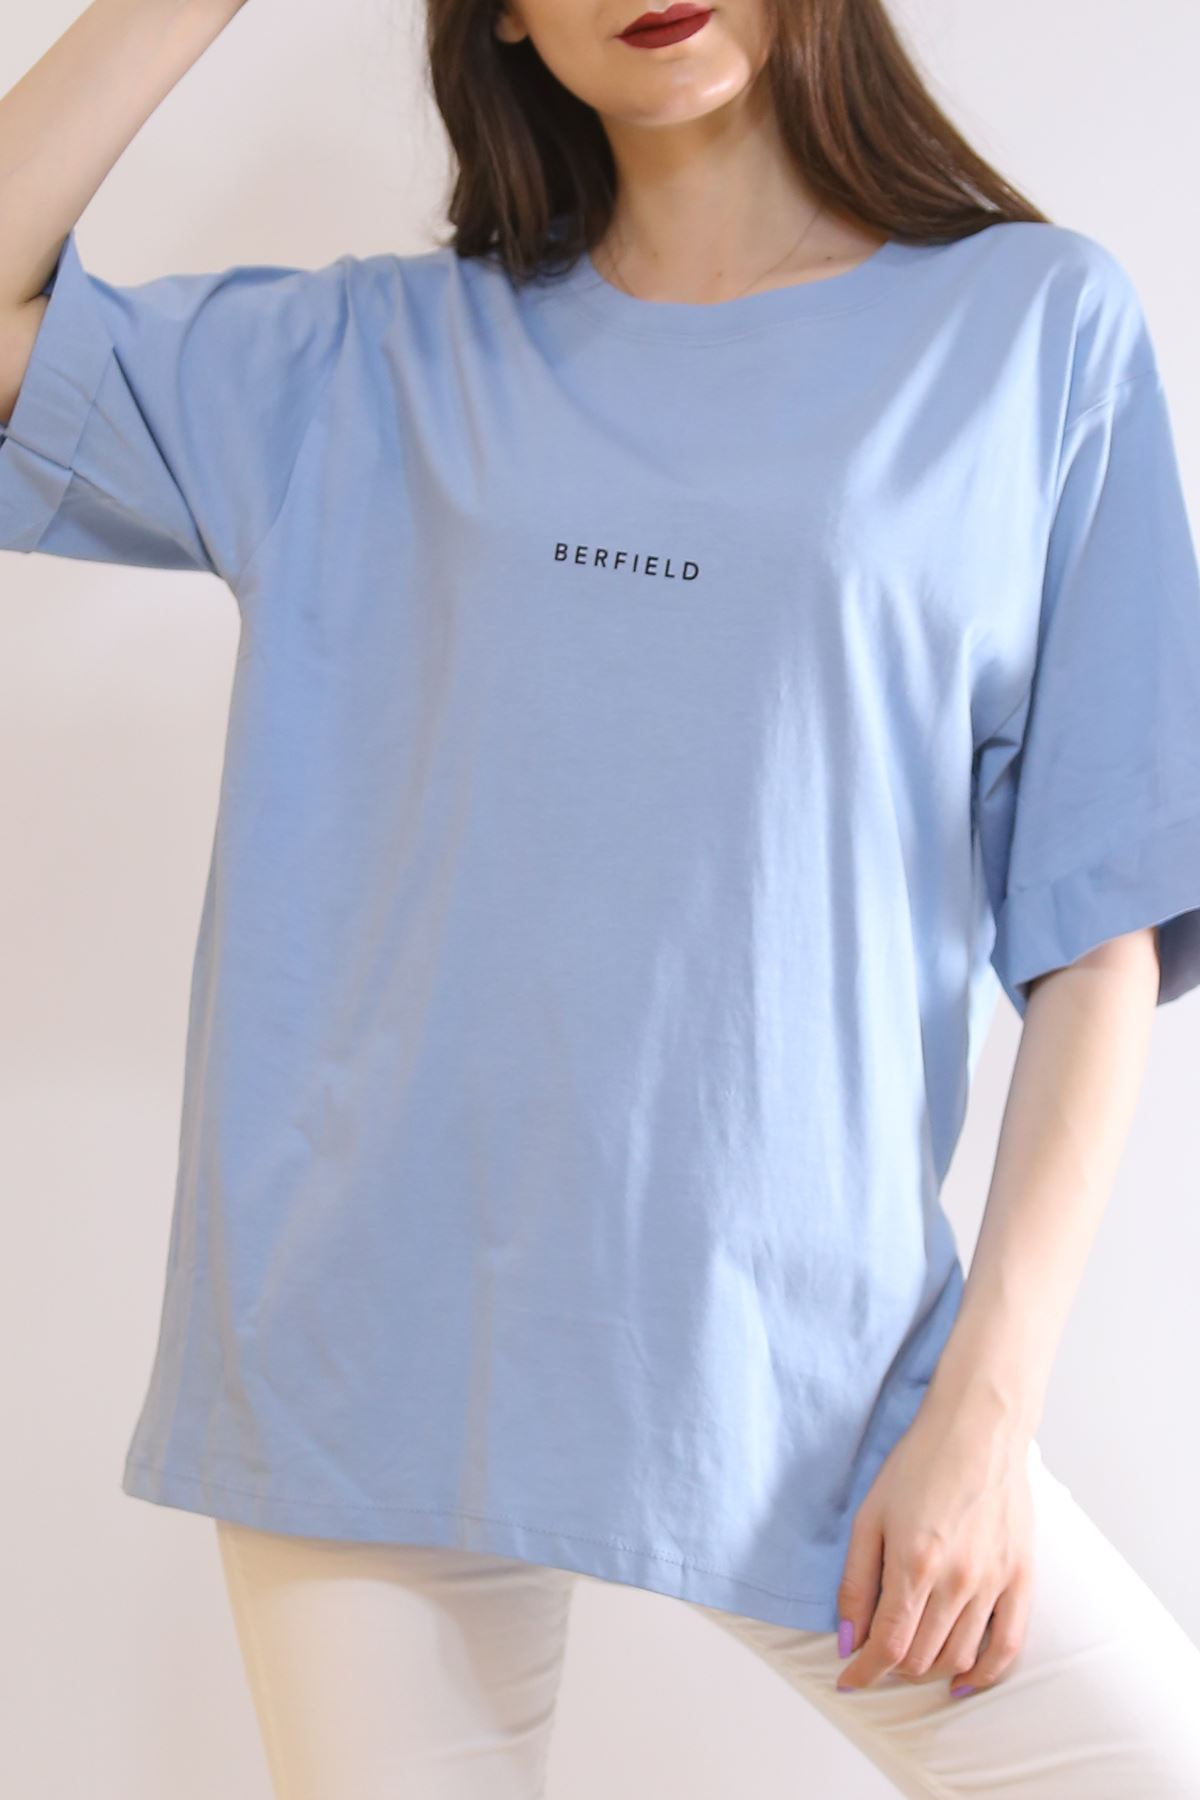 Baskılı Yırtmaçlı Tişört Bebemavi - 3151.105.